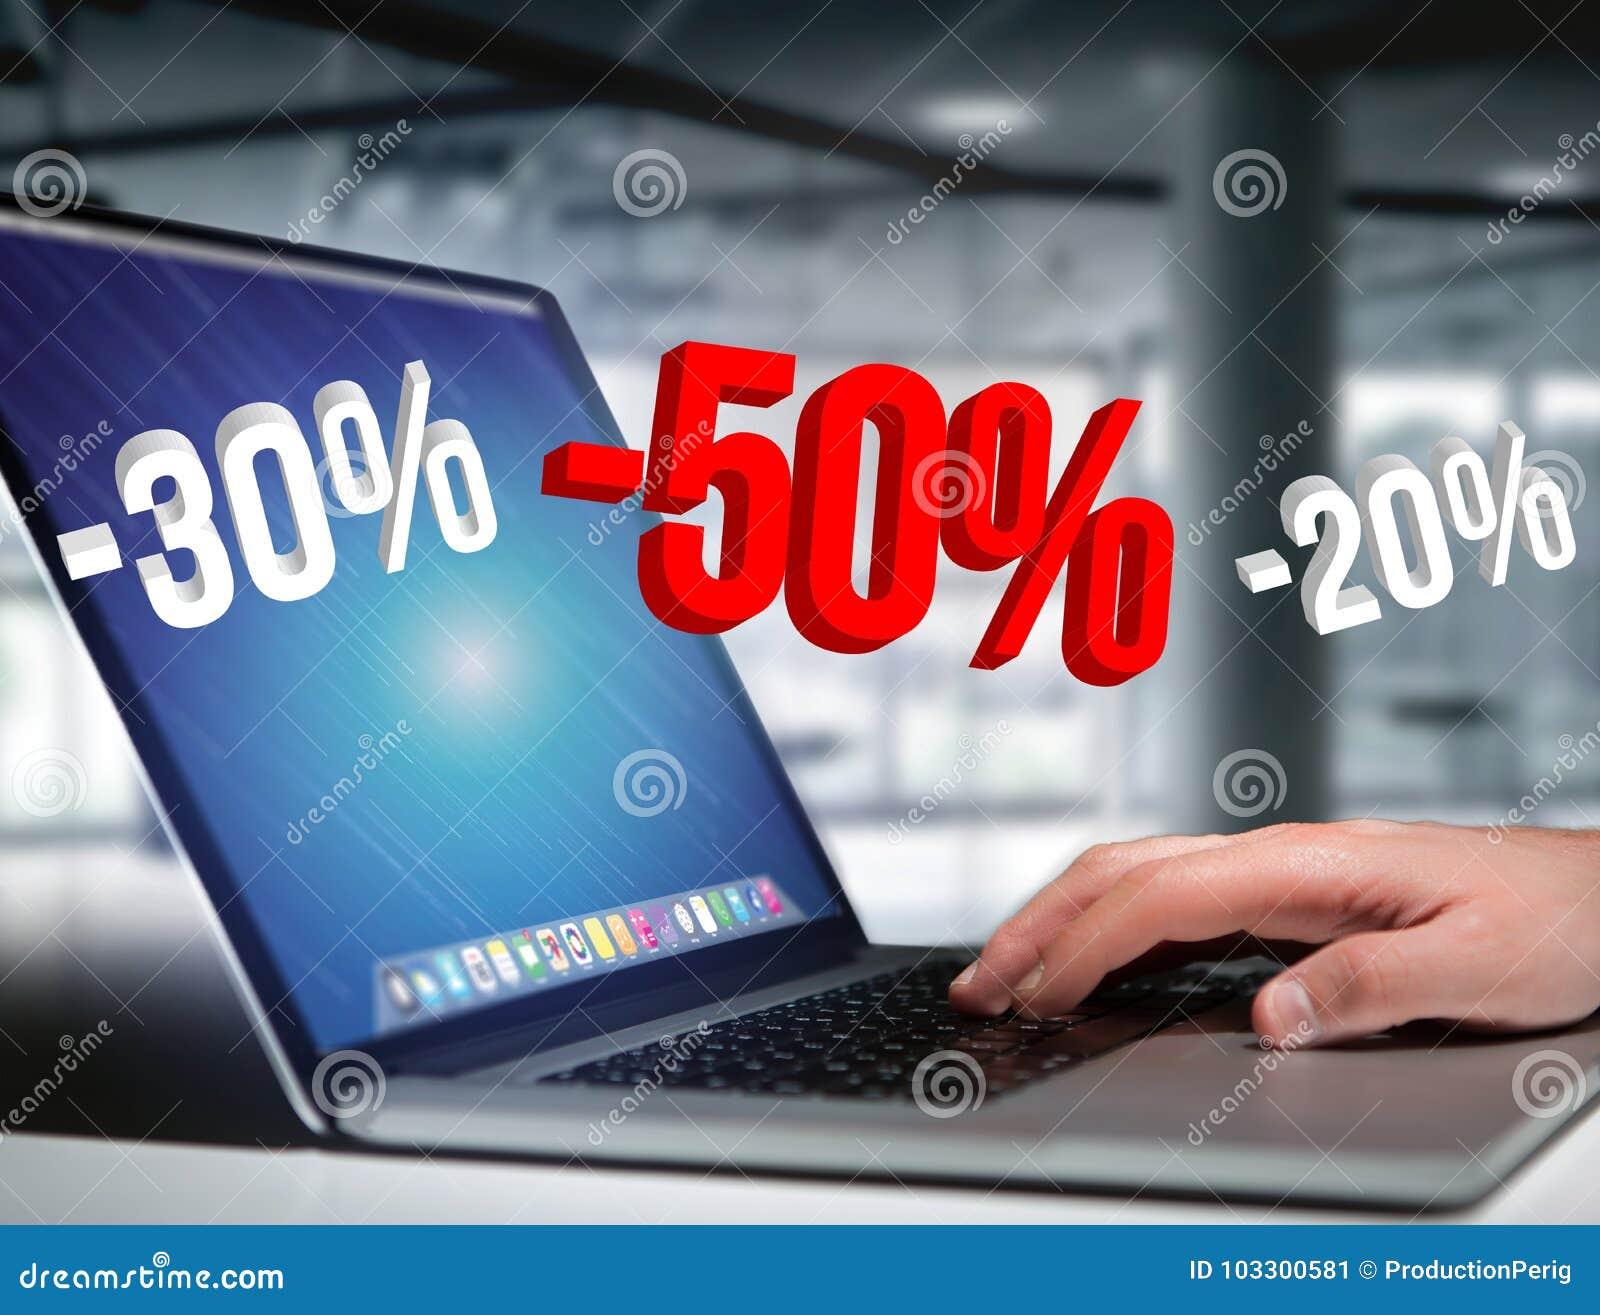 Verkaufsförderung 20  30  und 50 , das über eine Schnittstelle - Shopp fliegt